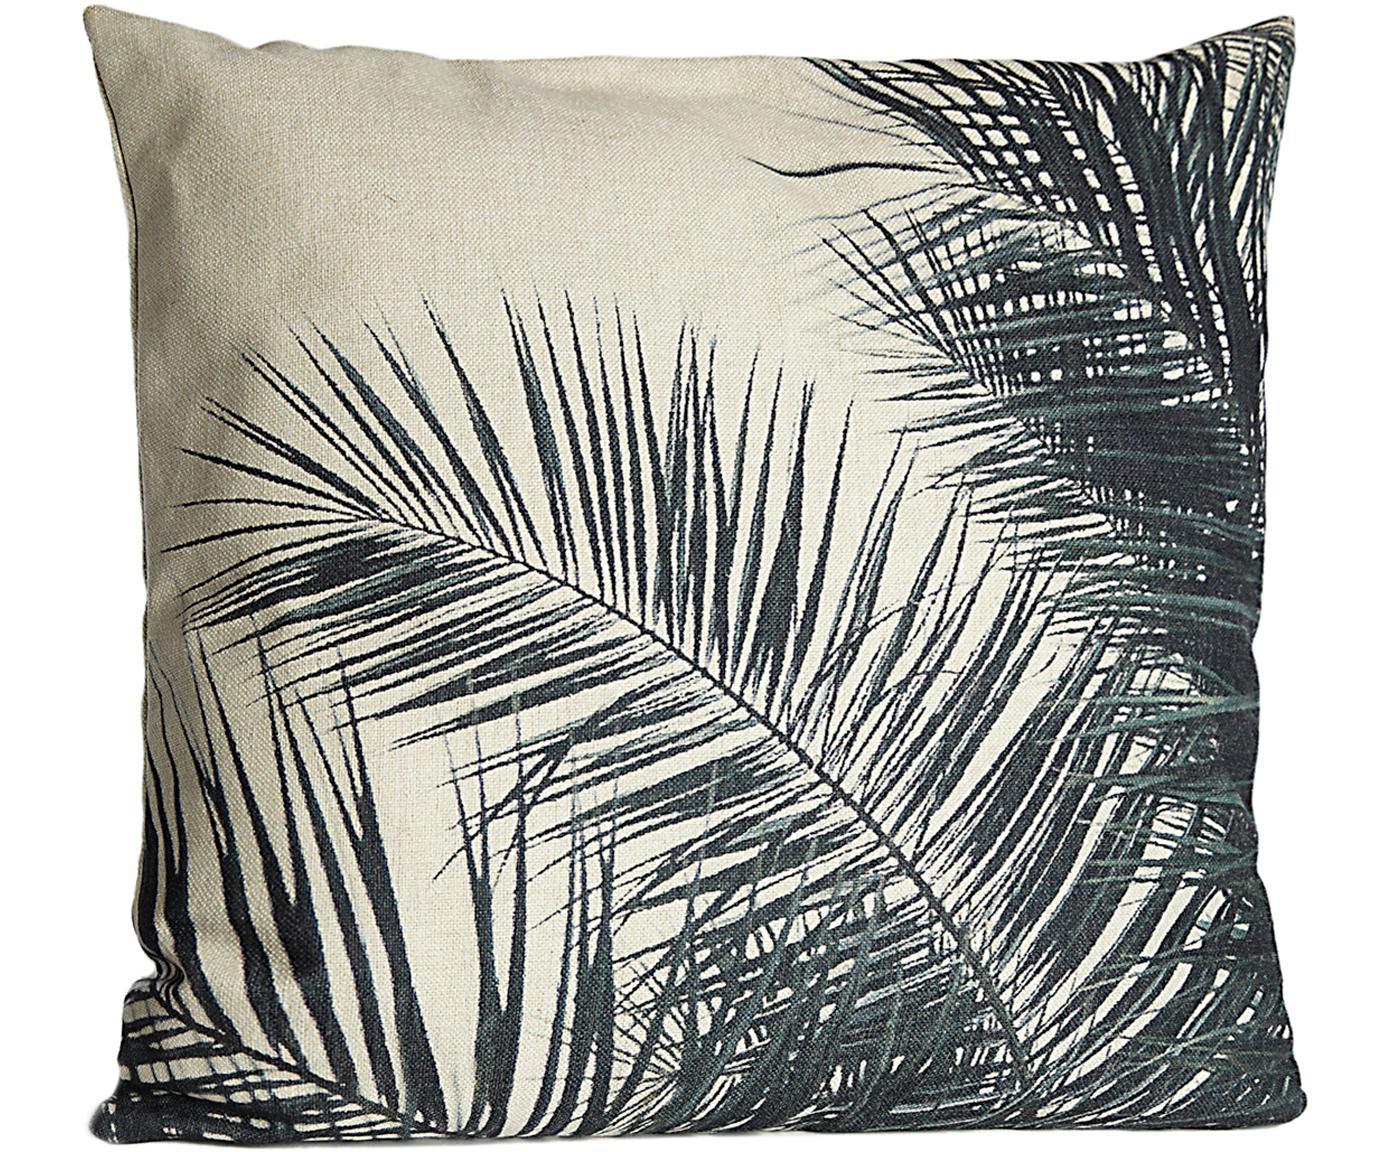 Kussenhoes Pesja met bladpatroon, Polyester, Crèmekleurig, zwart, 45 x 45 cm